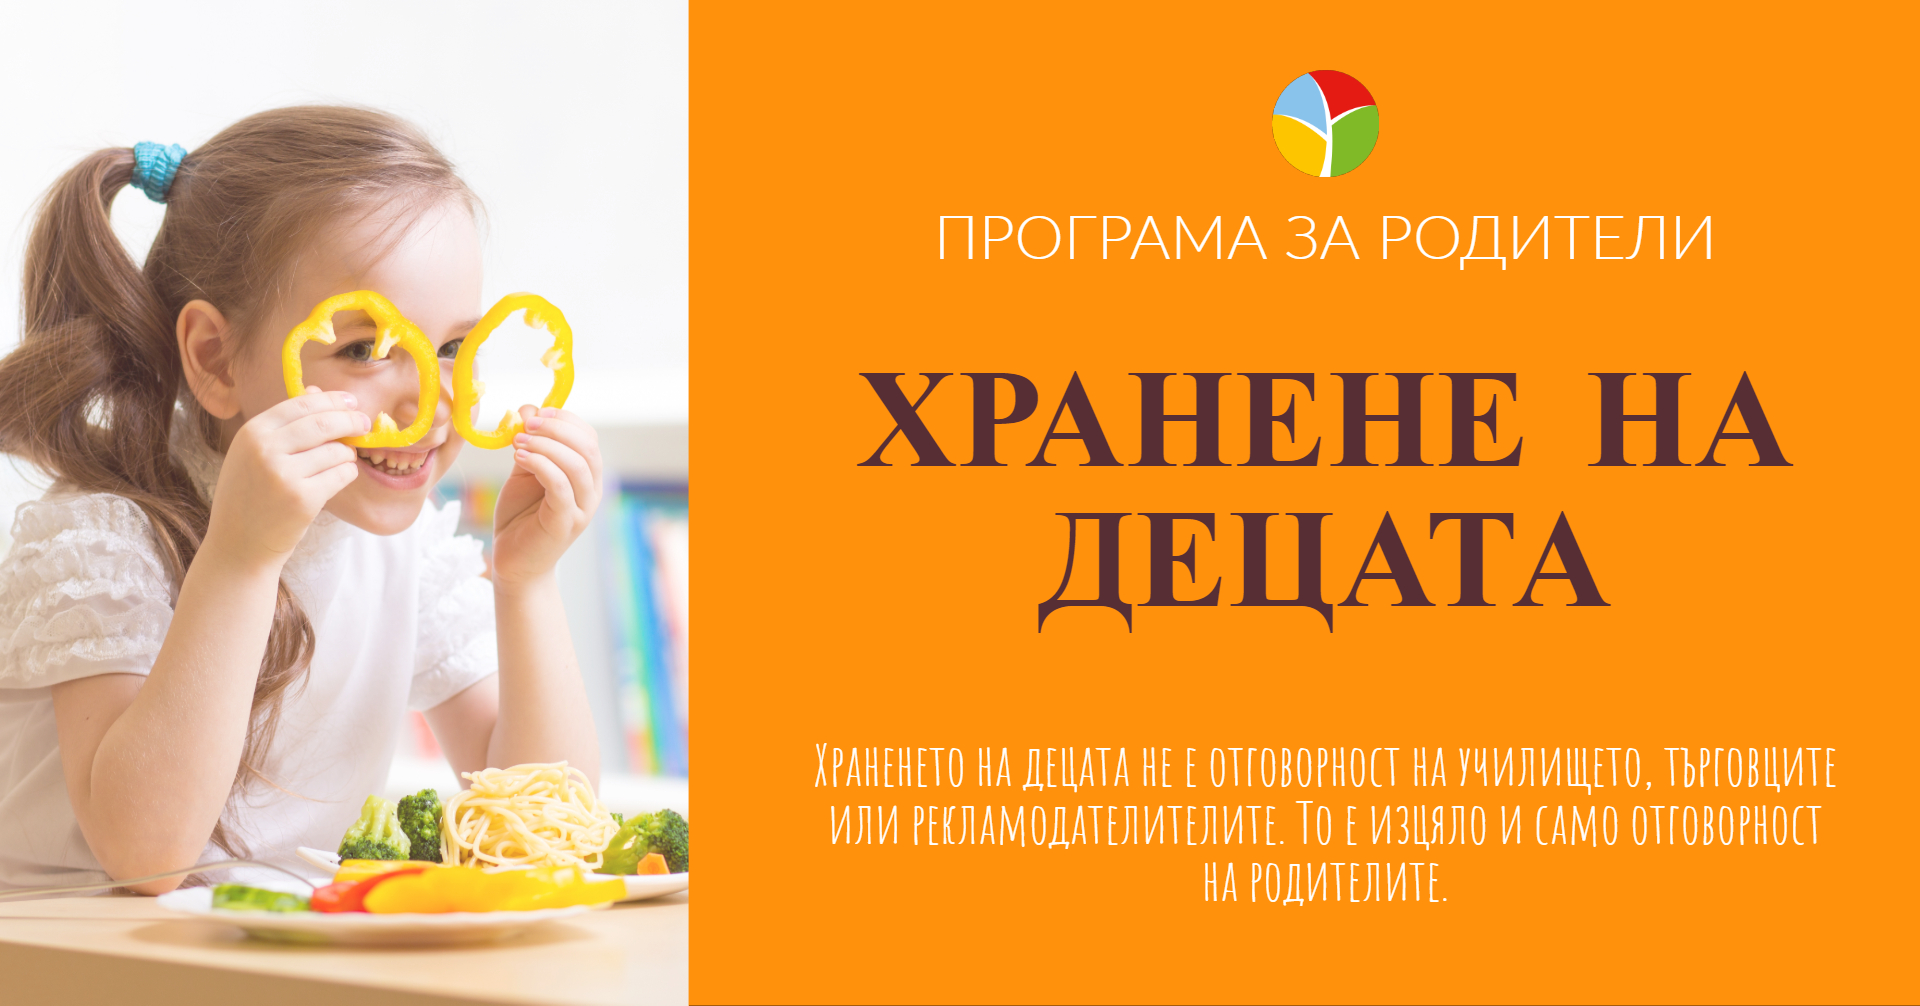 Хранене на децата: Програма за родители